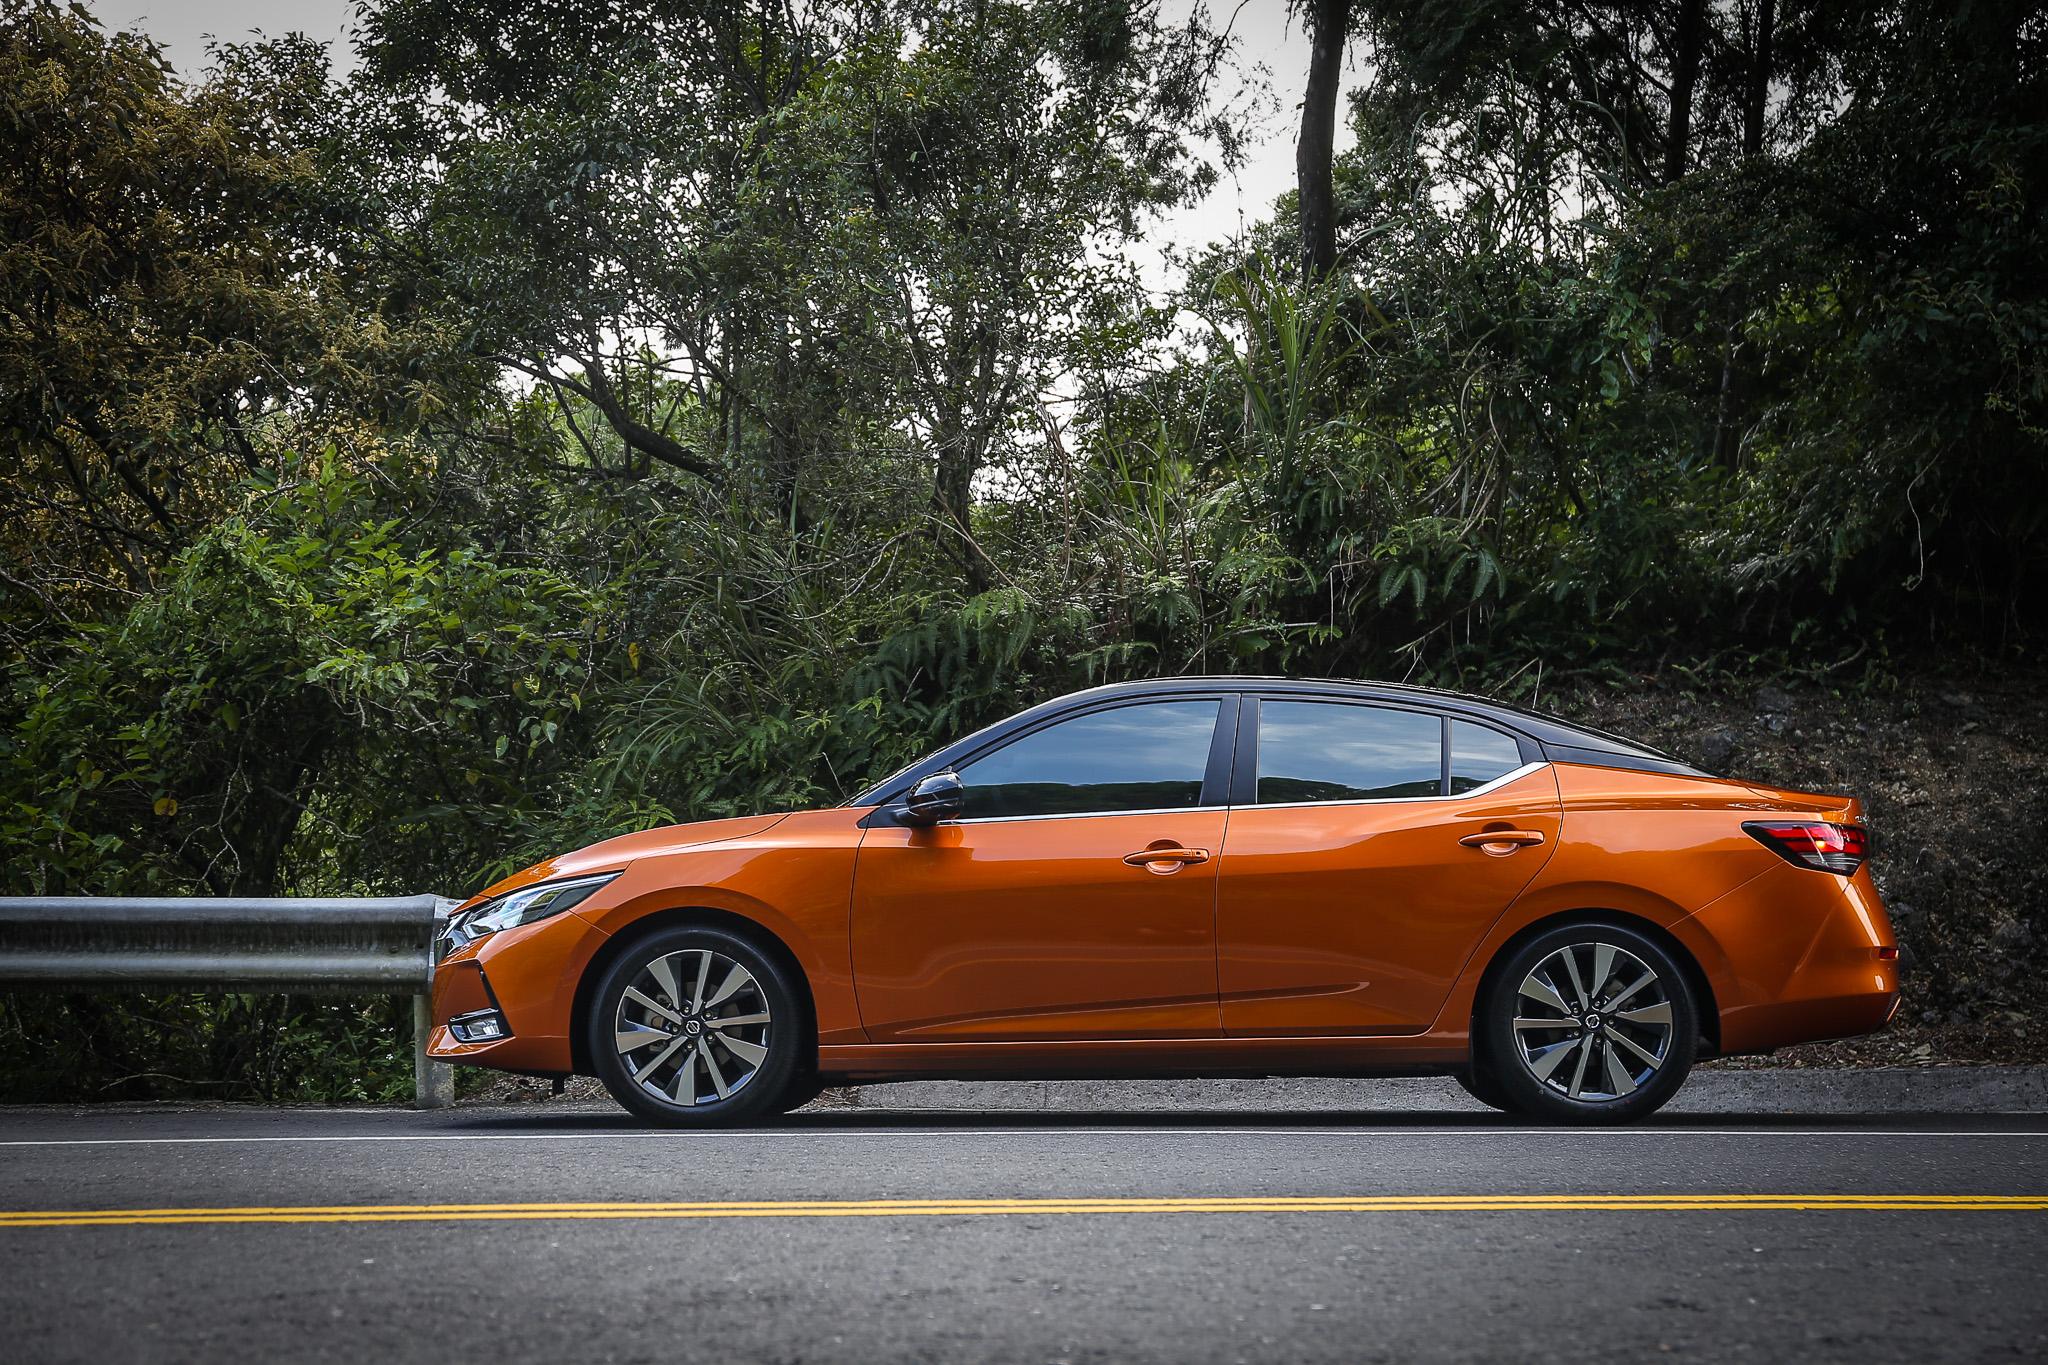 延續品牌新世代設計元素,新世代 Sentra 外形猶如縮小版的 Altima。